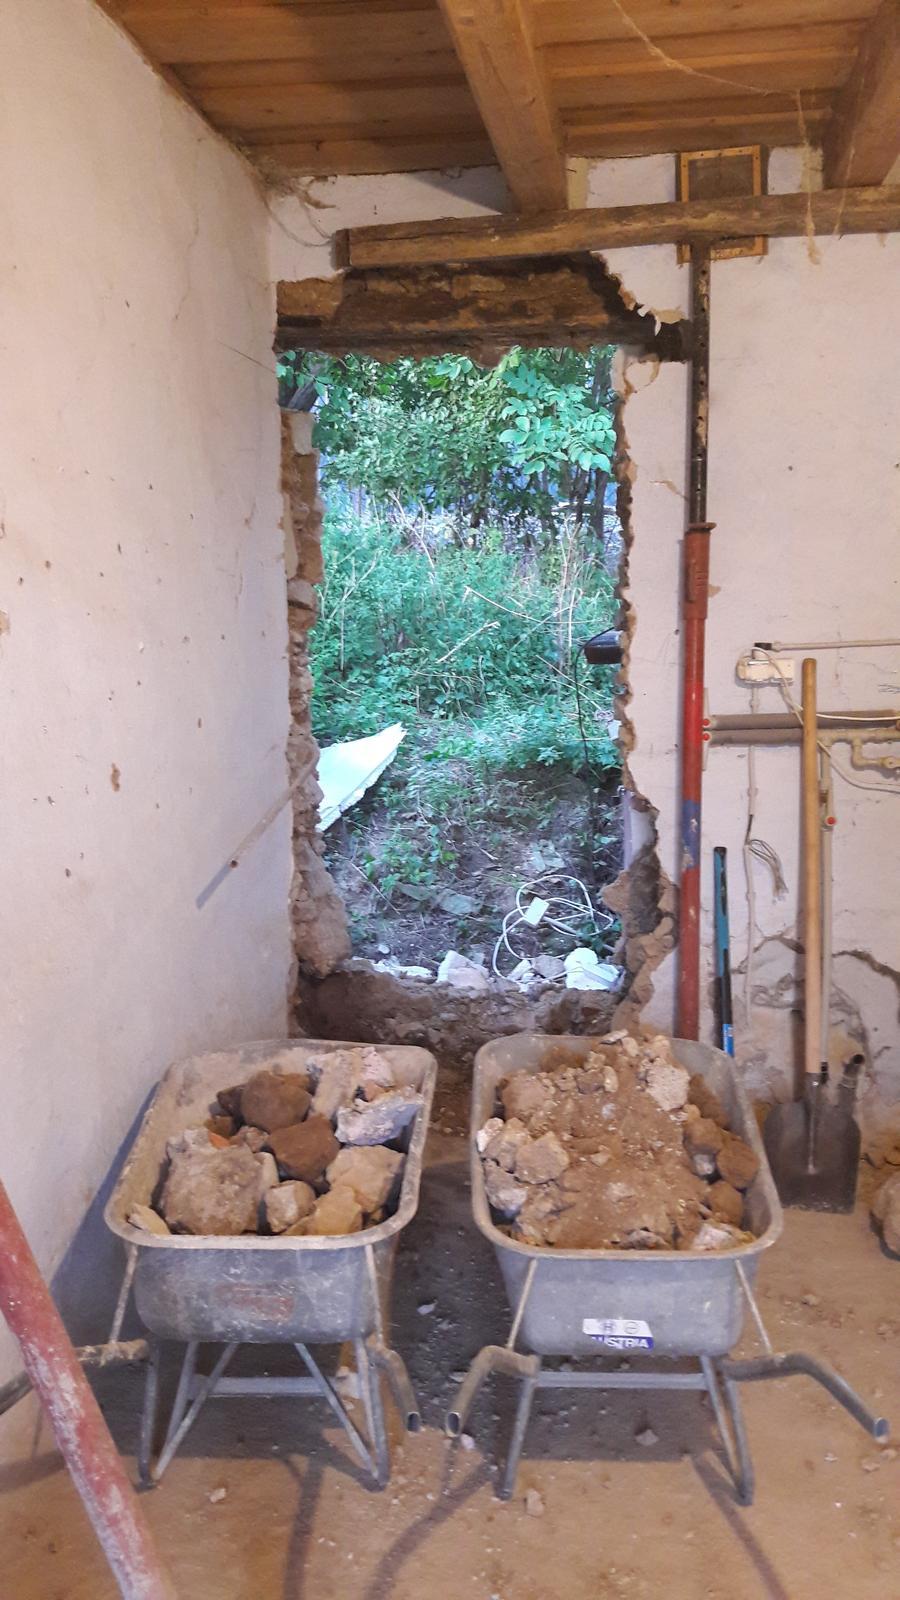 HACIENDA NAPOLI SEBECHLEBY - dvere z kotolne na zadnu cast pozemku